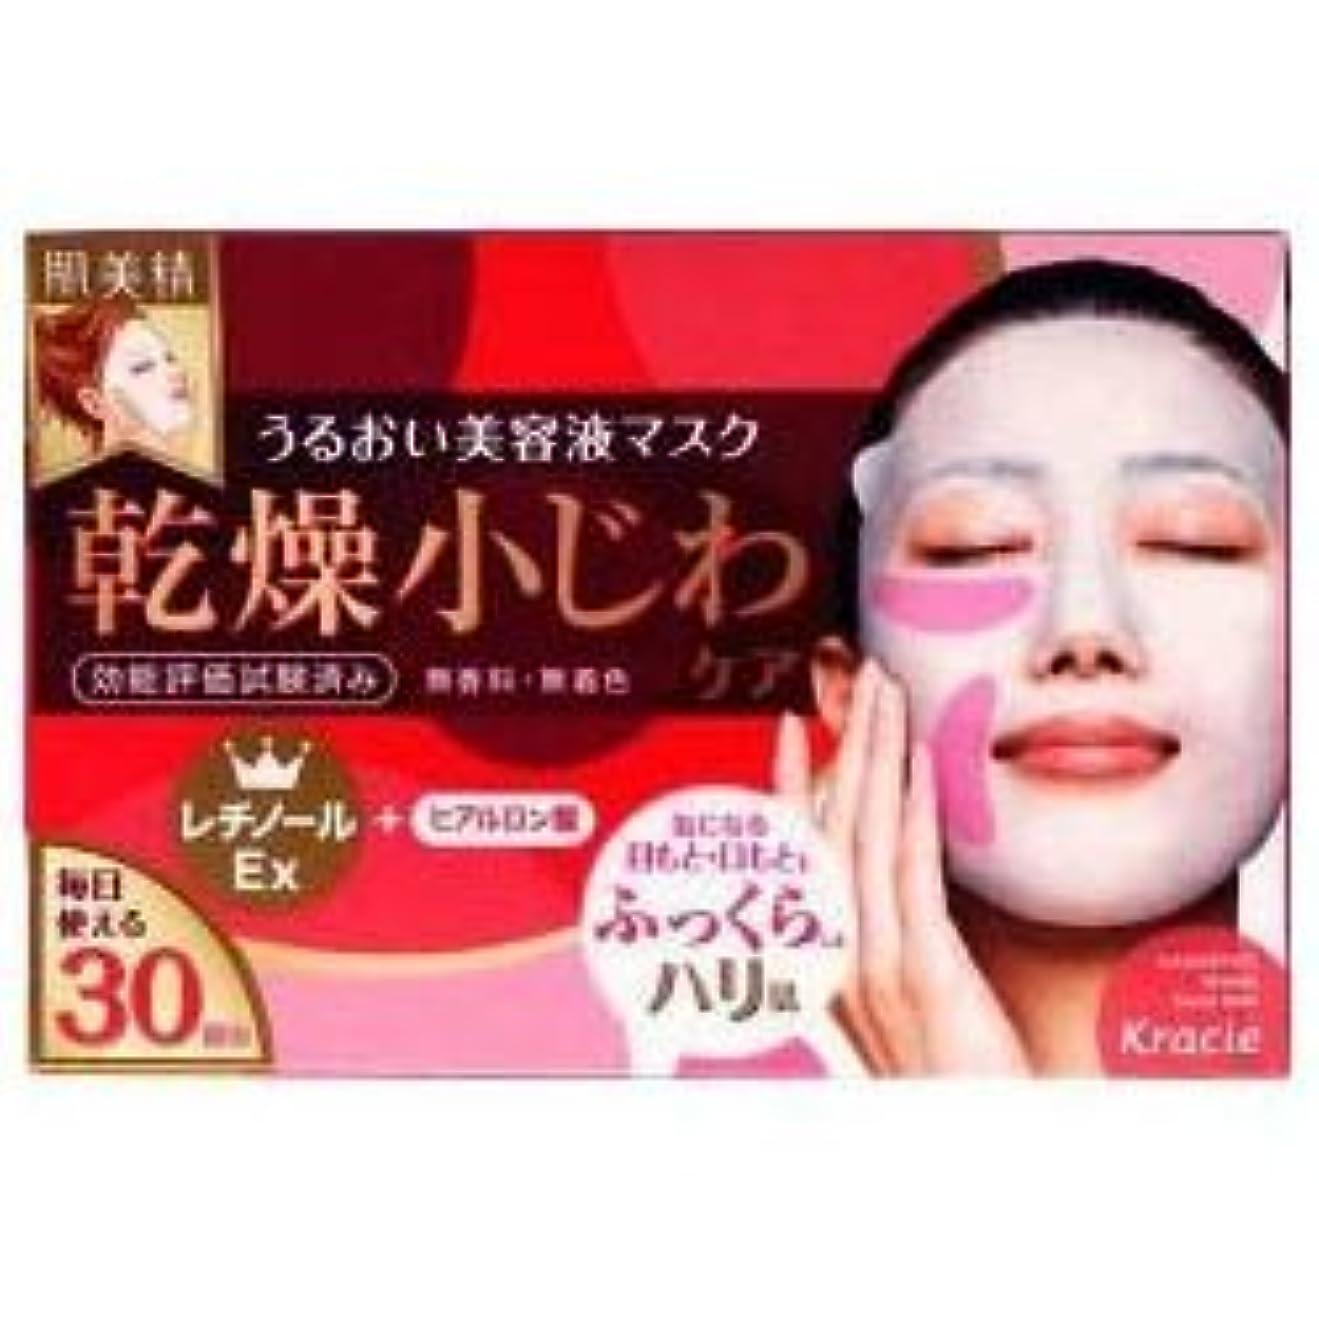 高さ灰市場【クラシエ】肌美精 デイリーリンクルケア美容液マスク 30枚 ×5個セット